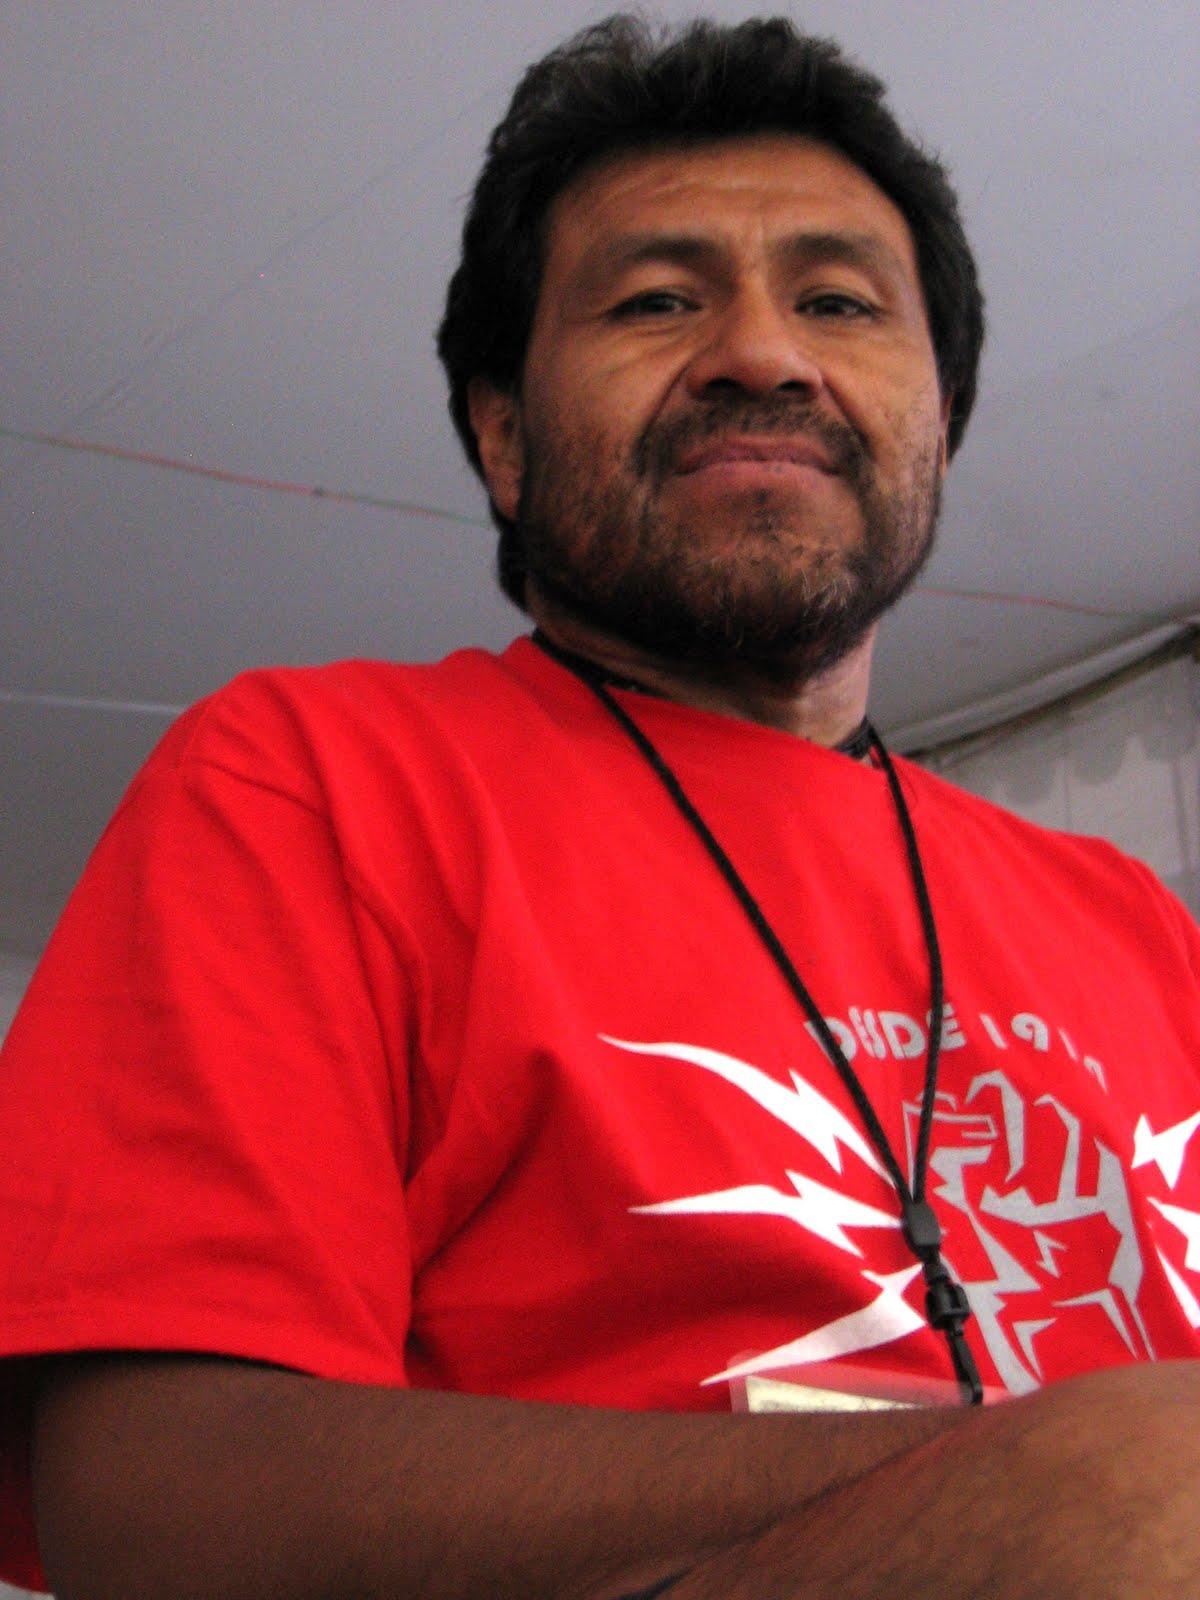 Cesar alejandro audiffred cabello